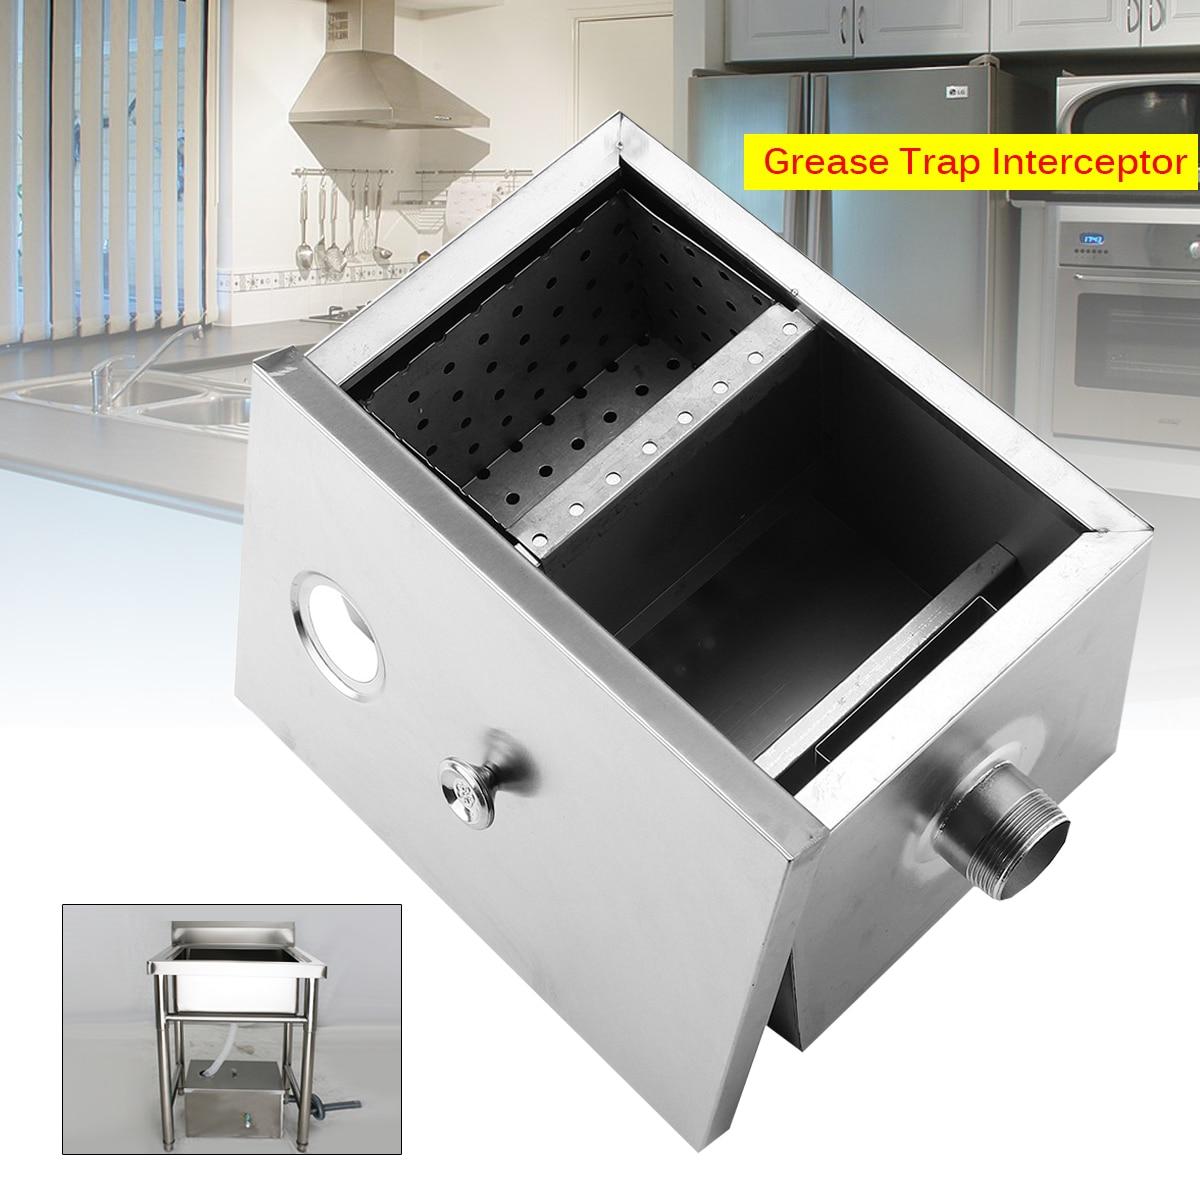 Ensemble d'intercepteur de piège à graisse d'acier inoxydable conception détachable pour les eaux usées de cuisine de Restaurant déflecteurs amovibles 2 tailles simples